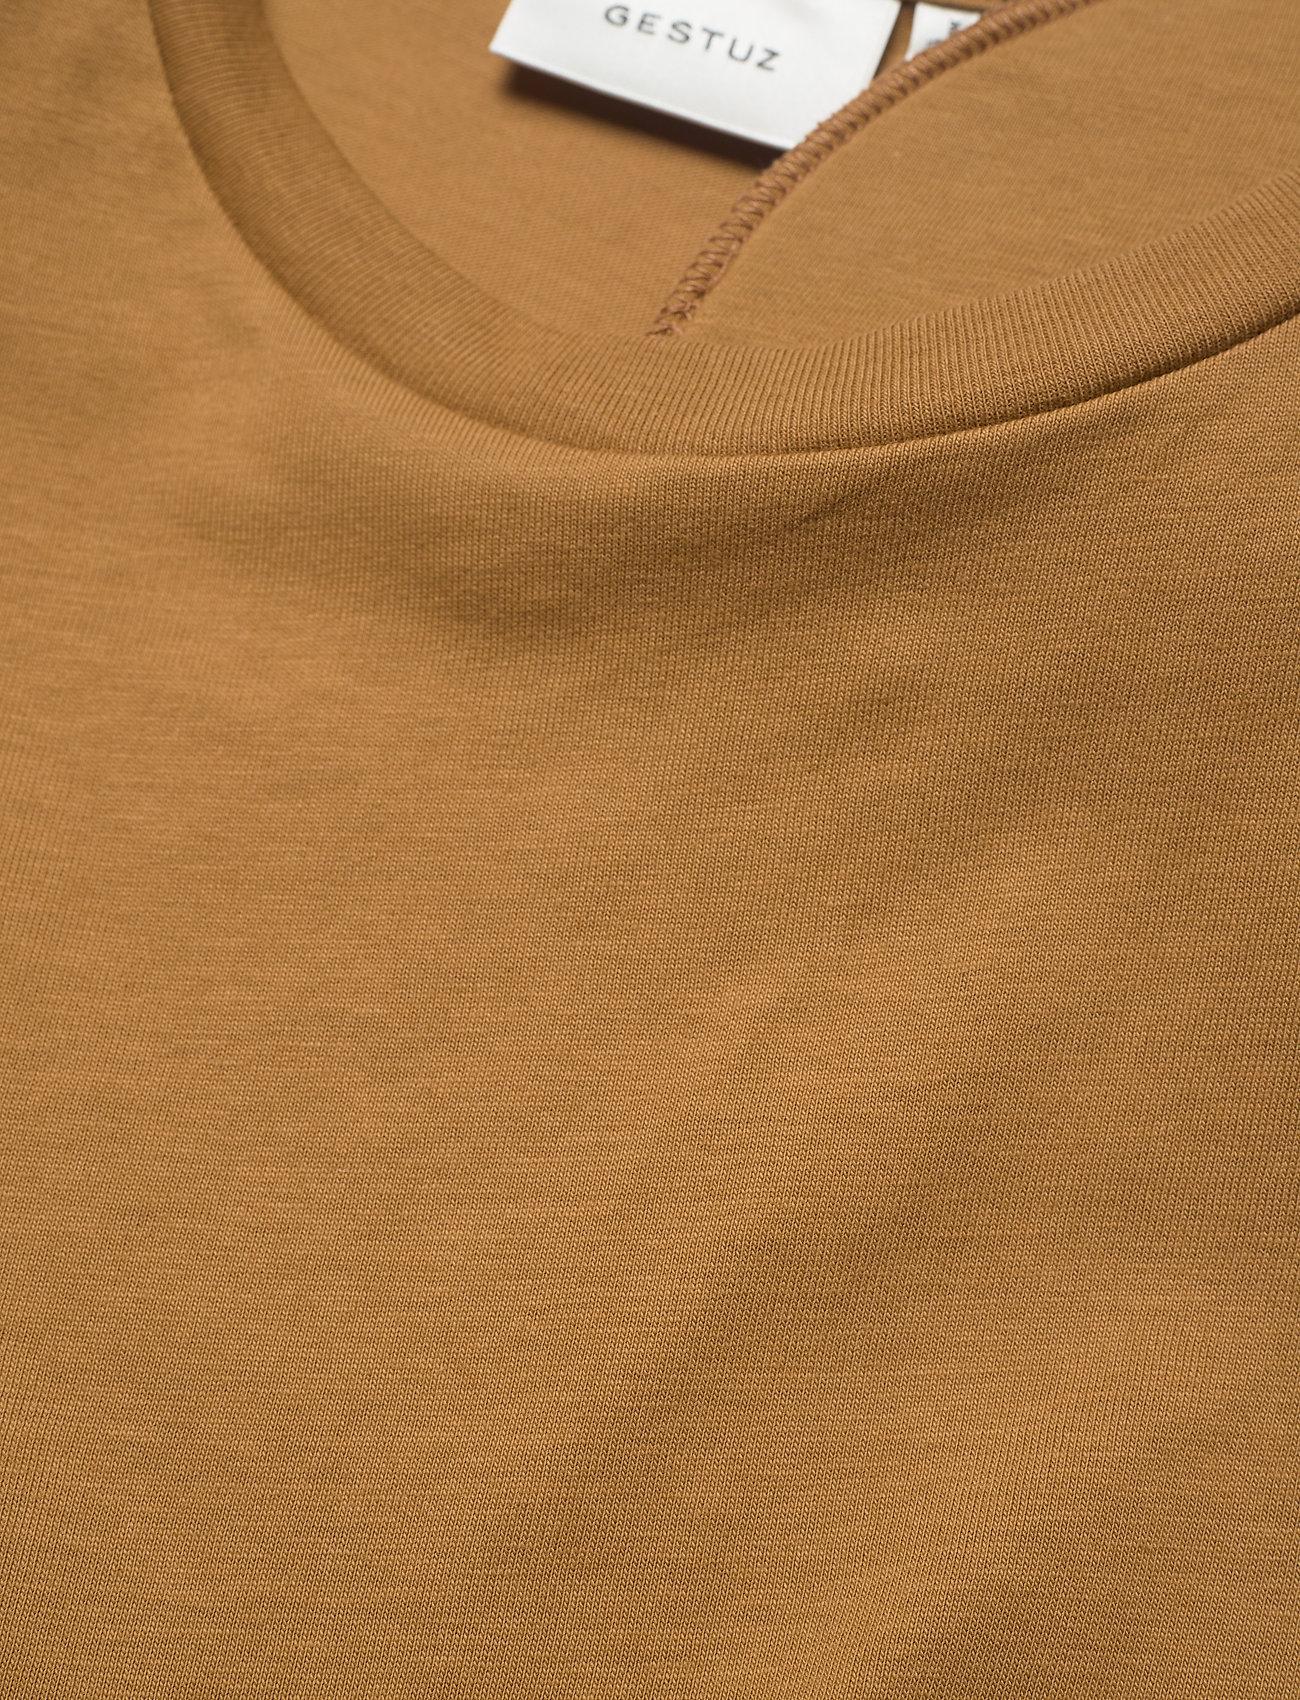 Gestuz - JoryGZ tee - t-shirts - bone brown - 4